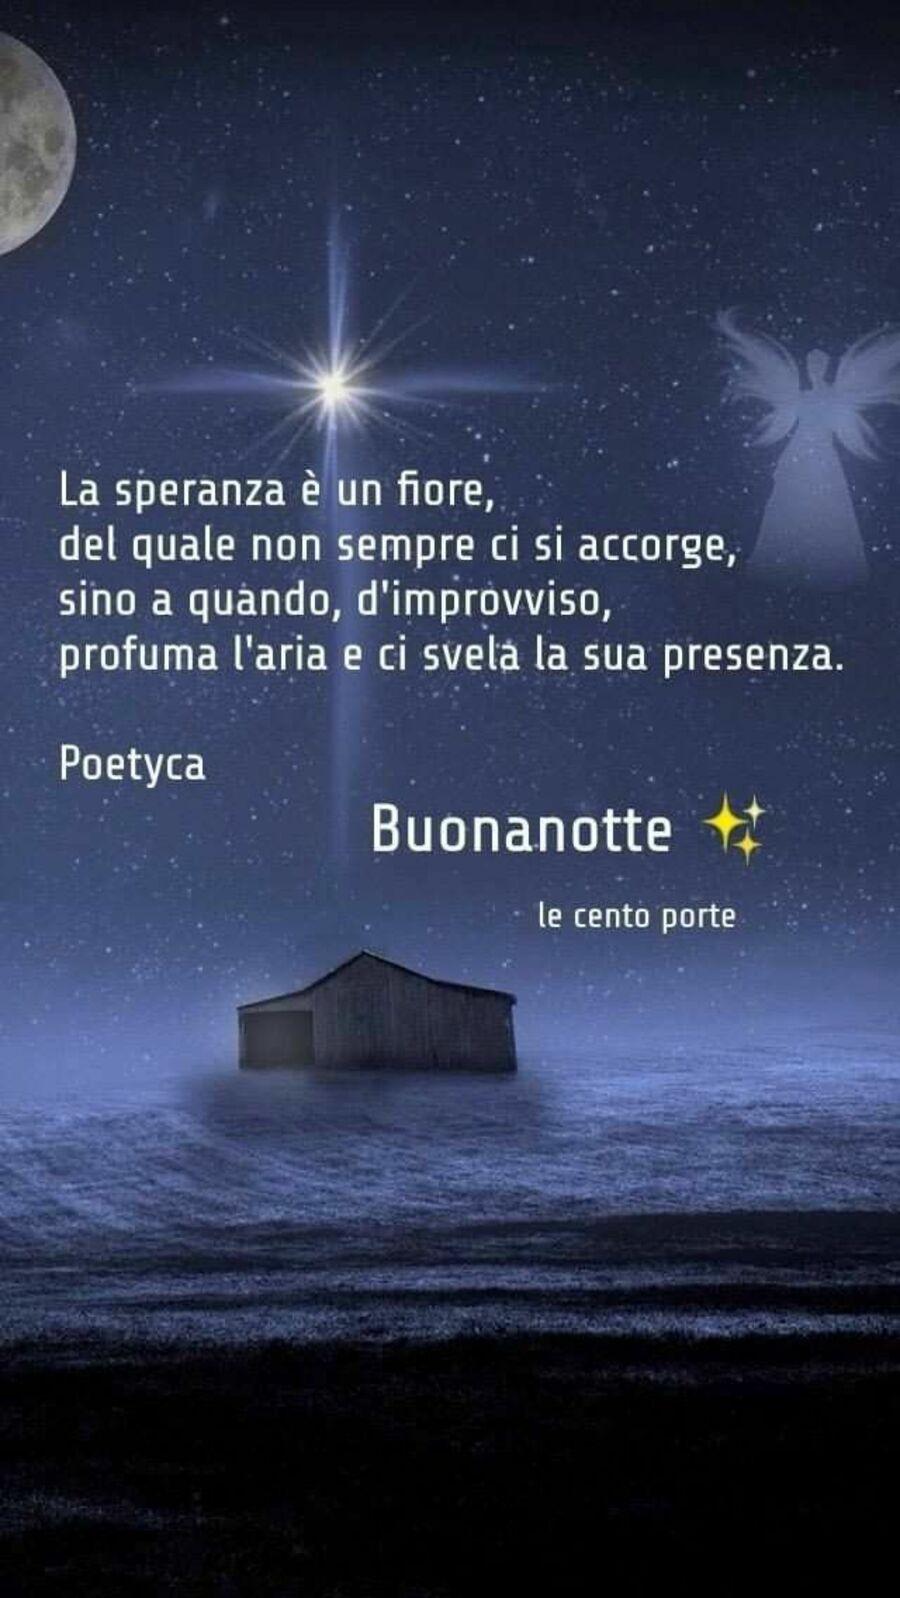 buonanotte-invernale-05